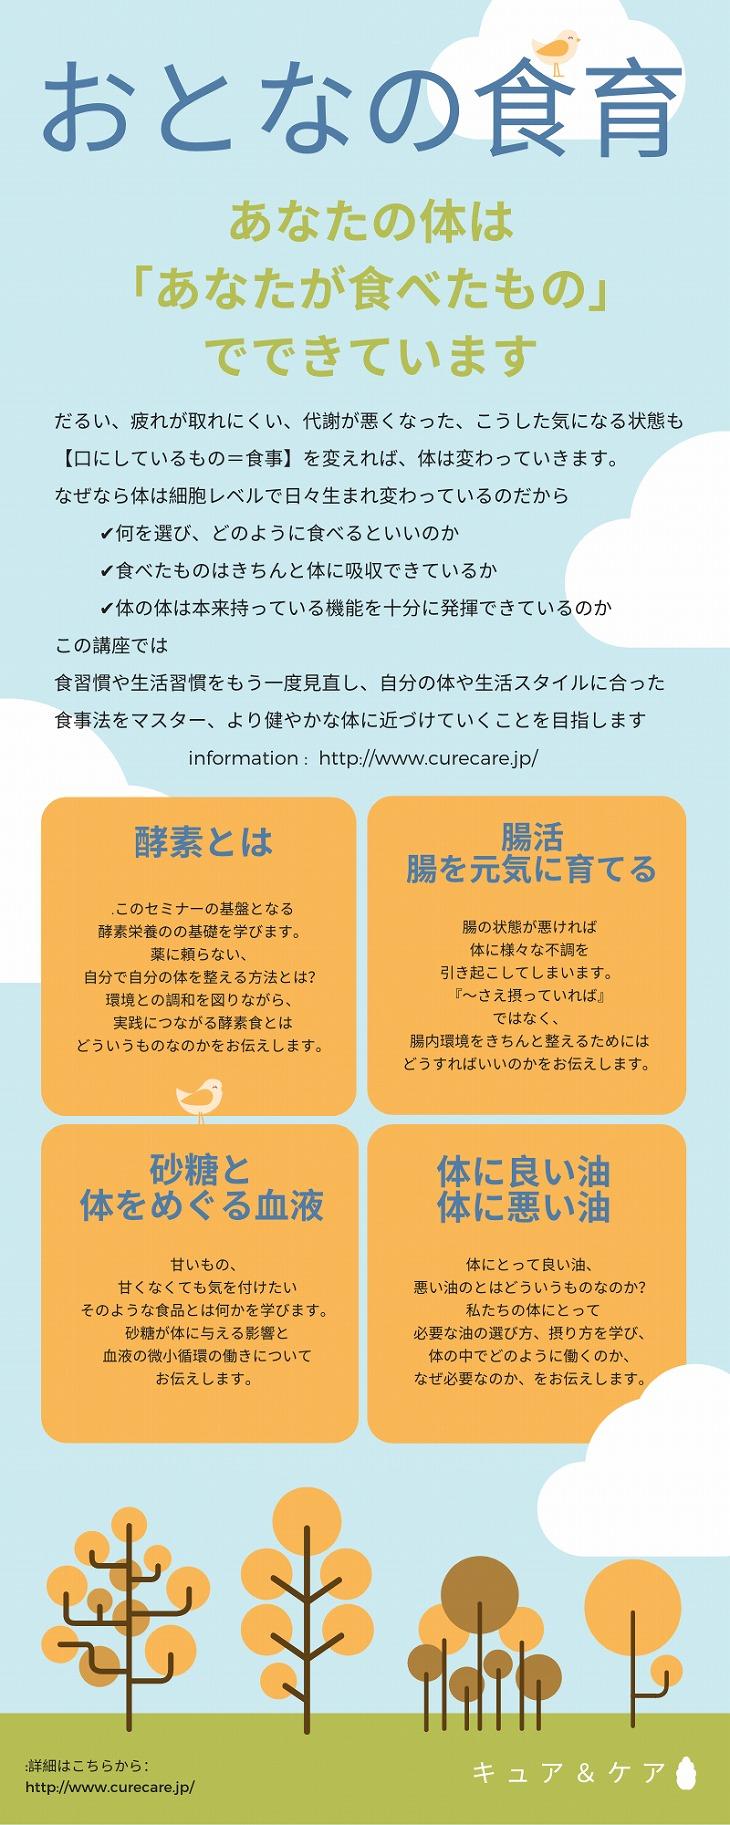 大人の食育 resize(1).jpg